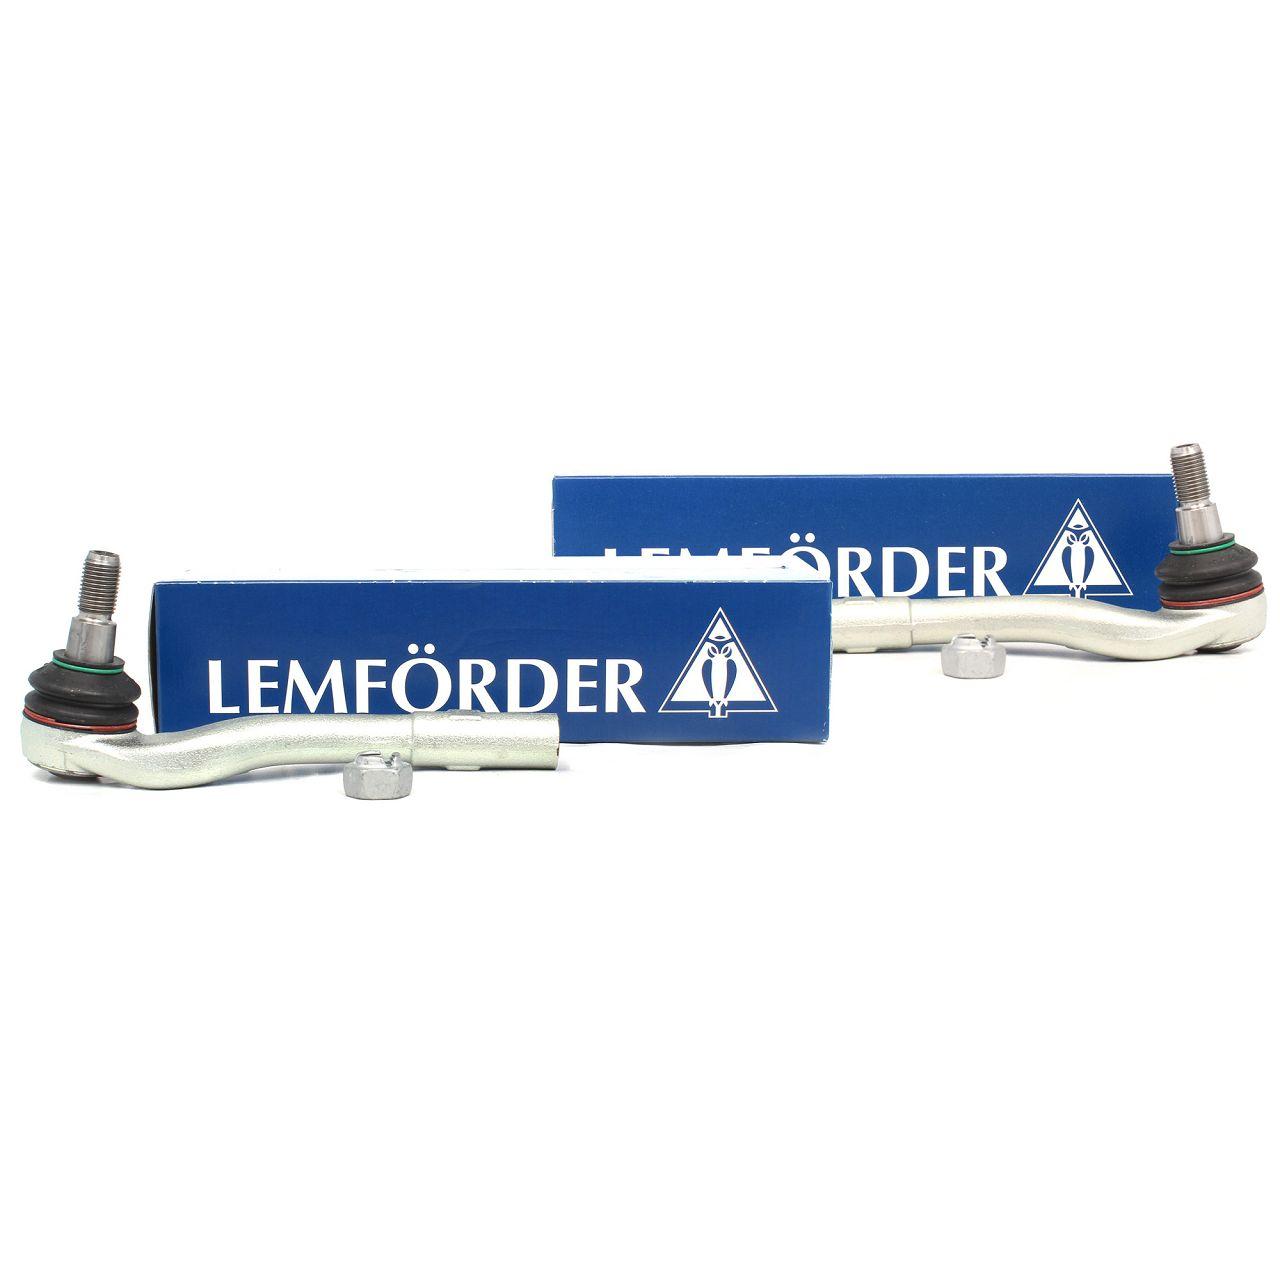 2x LEMFÖRDER Spurstangenkopf MERCEDES W203 S203 CL203 C209 A209 R171 vorne außen